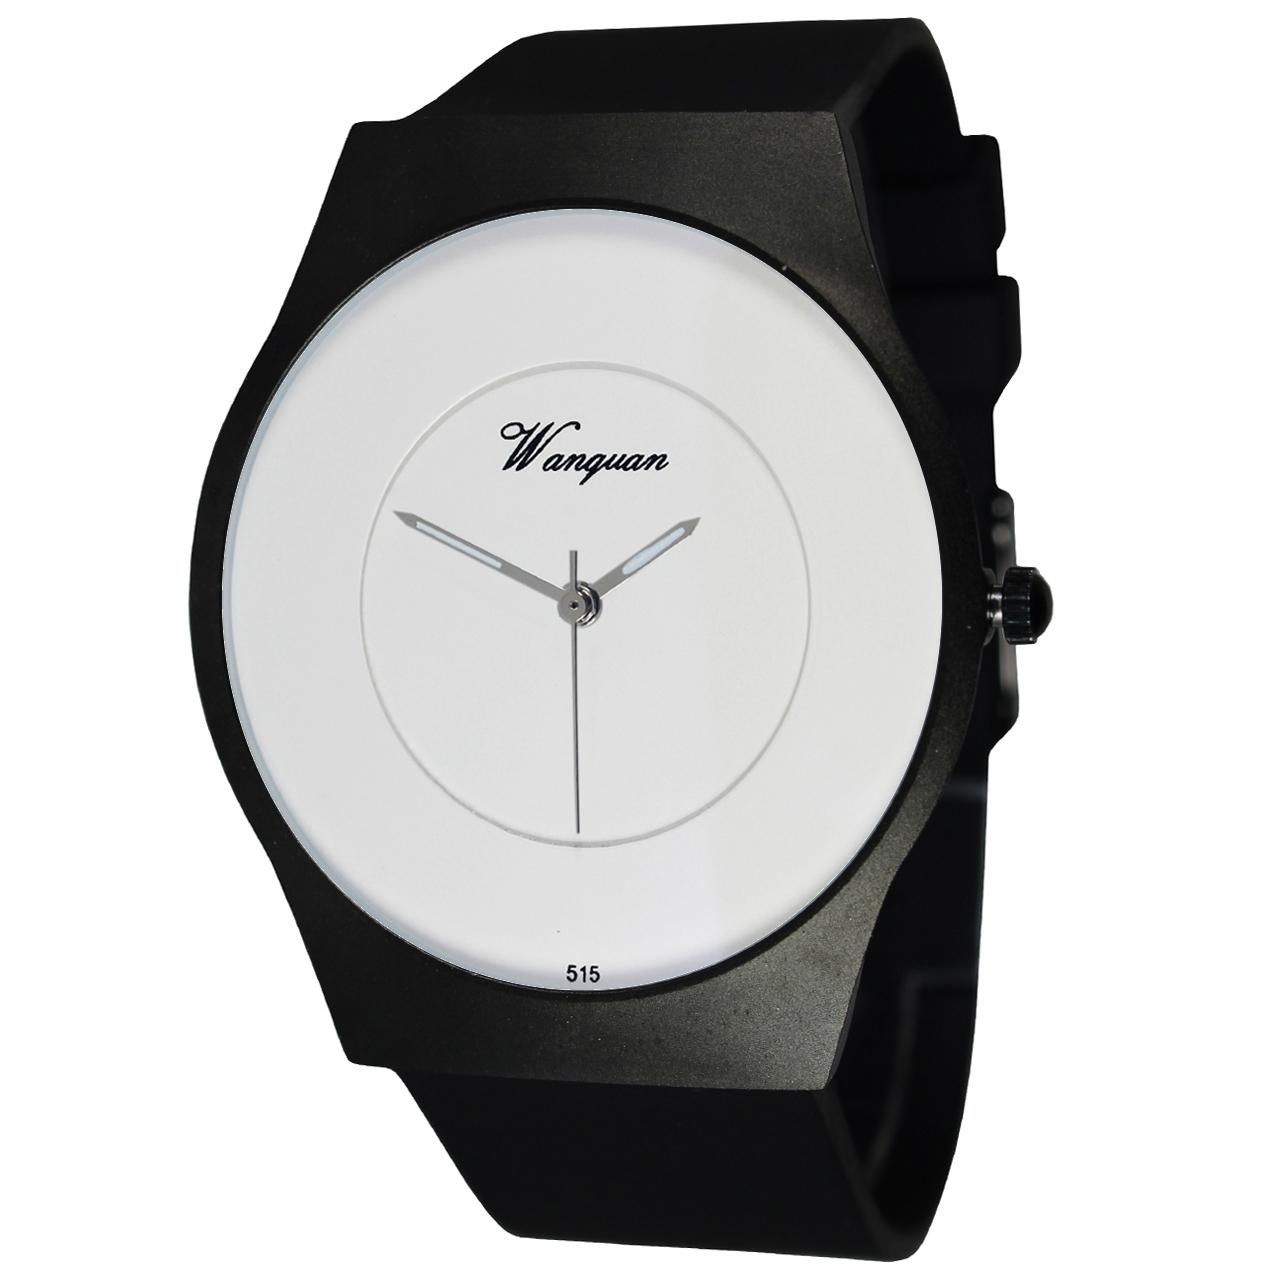 ساعت مچی عقربه ای مردانه و زنانه وانکوان مدل P5-12 25